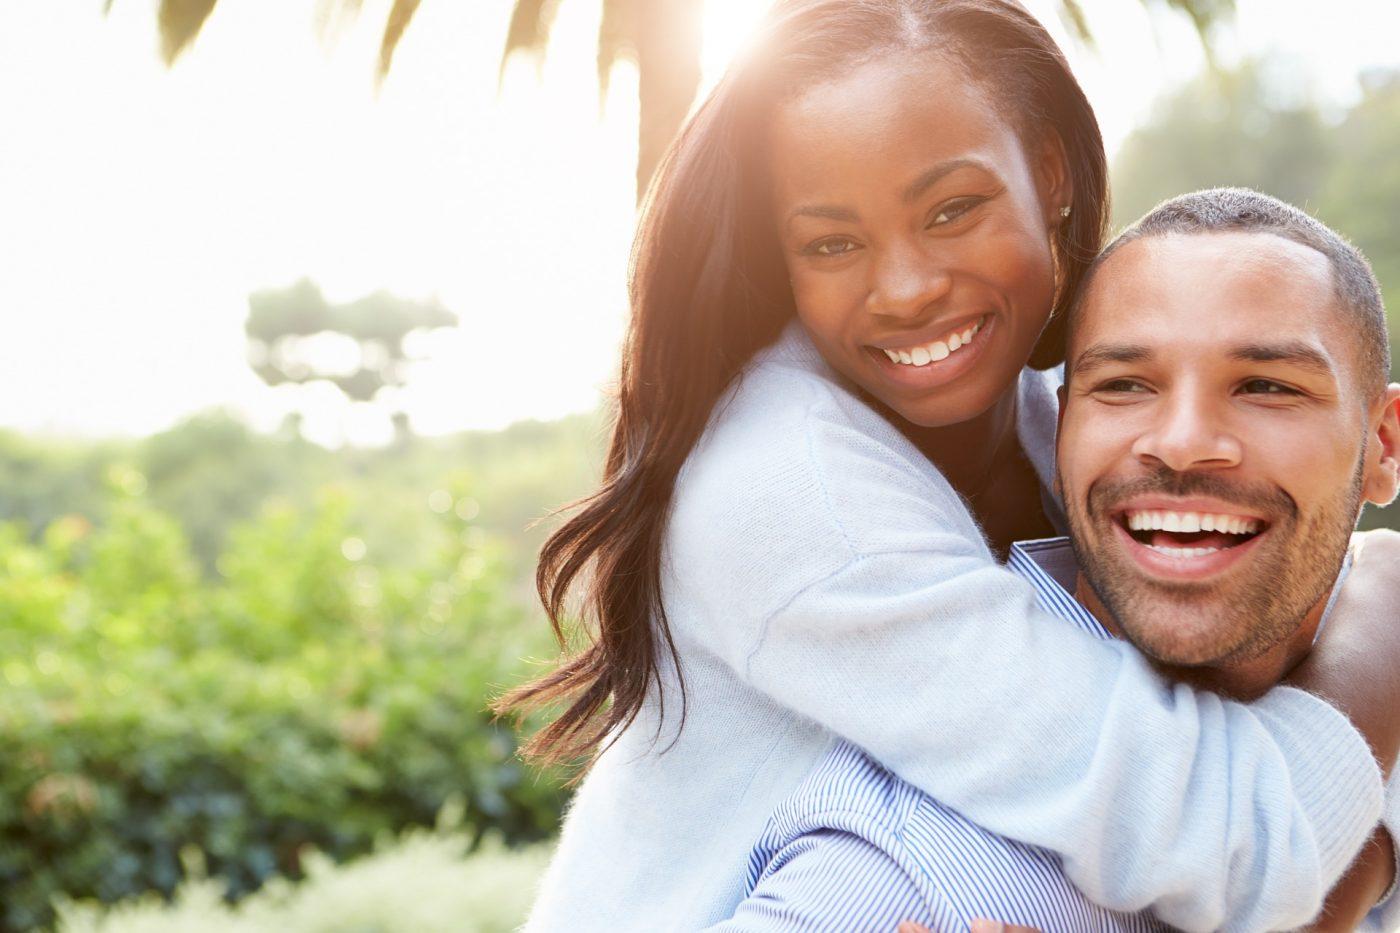 70 Textes mignons pour sa copine – faites-la sourire de bonheur !